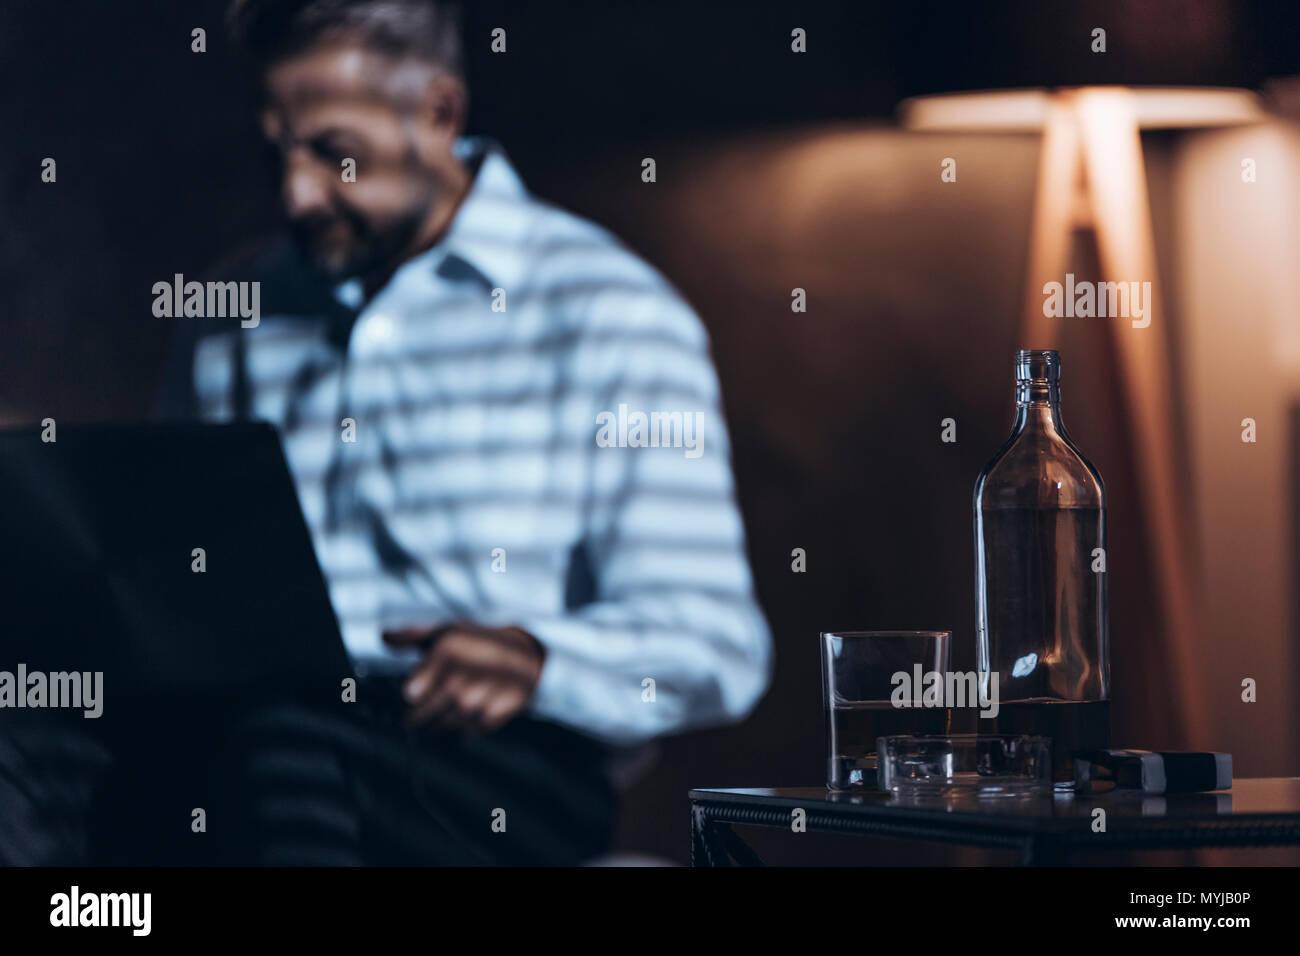 In der Nähe von Glas Flasche mit Alkohol. Workaholic mit Alkohol Problem Stockfoto